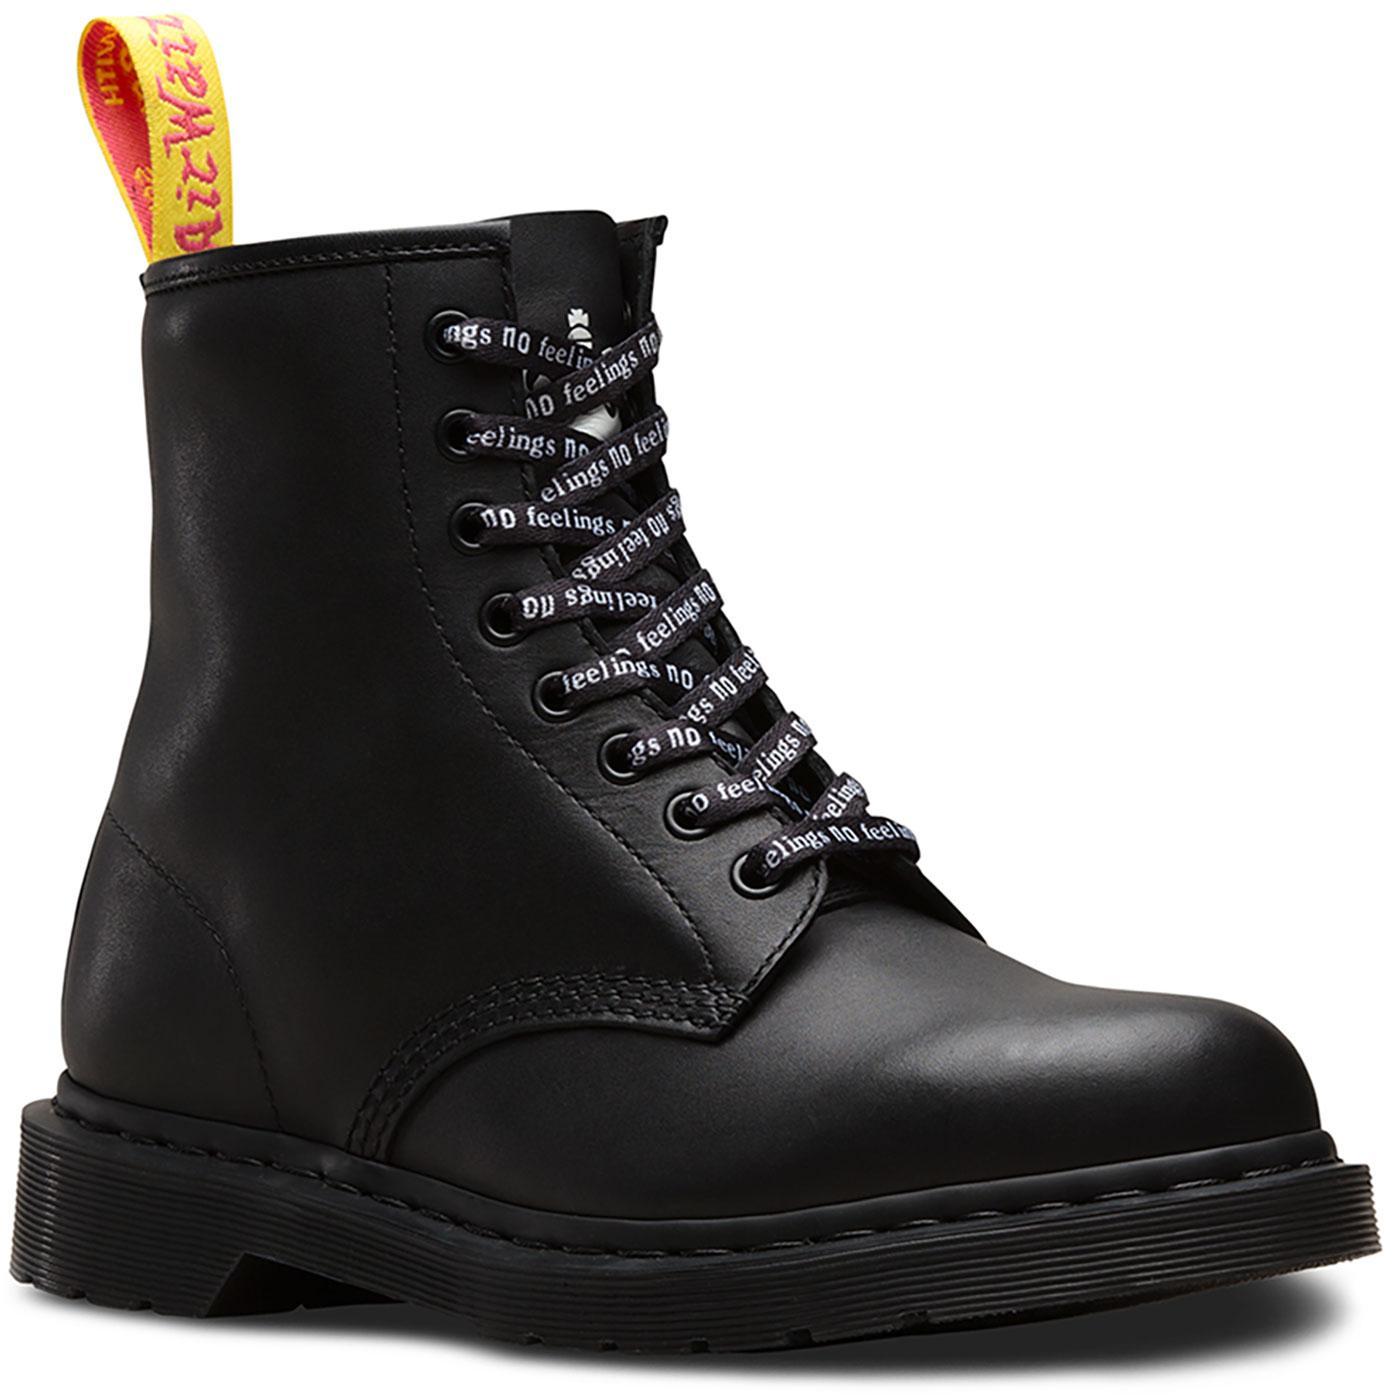 f671b6c6b379 DR MARTENS x SEX PISTOLS 1460 No Future Slogan Boots